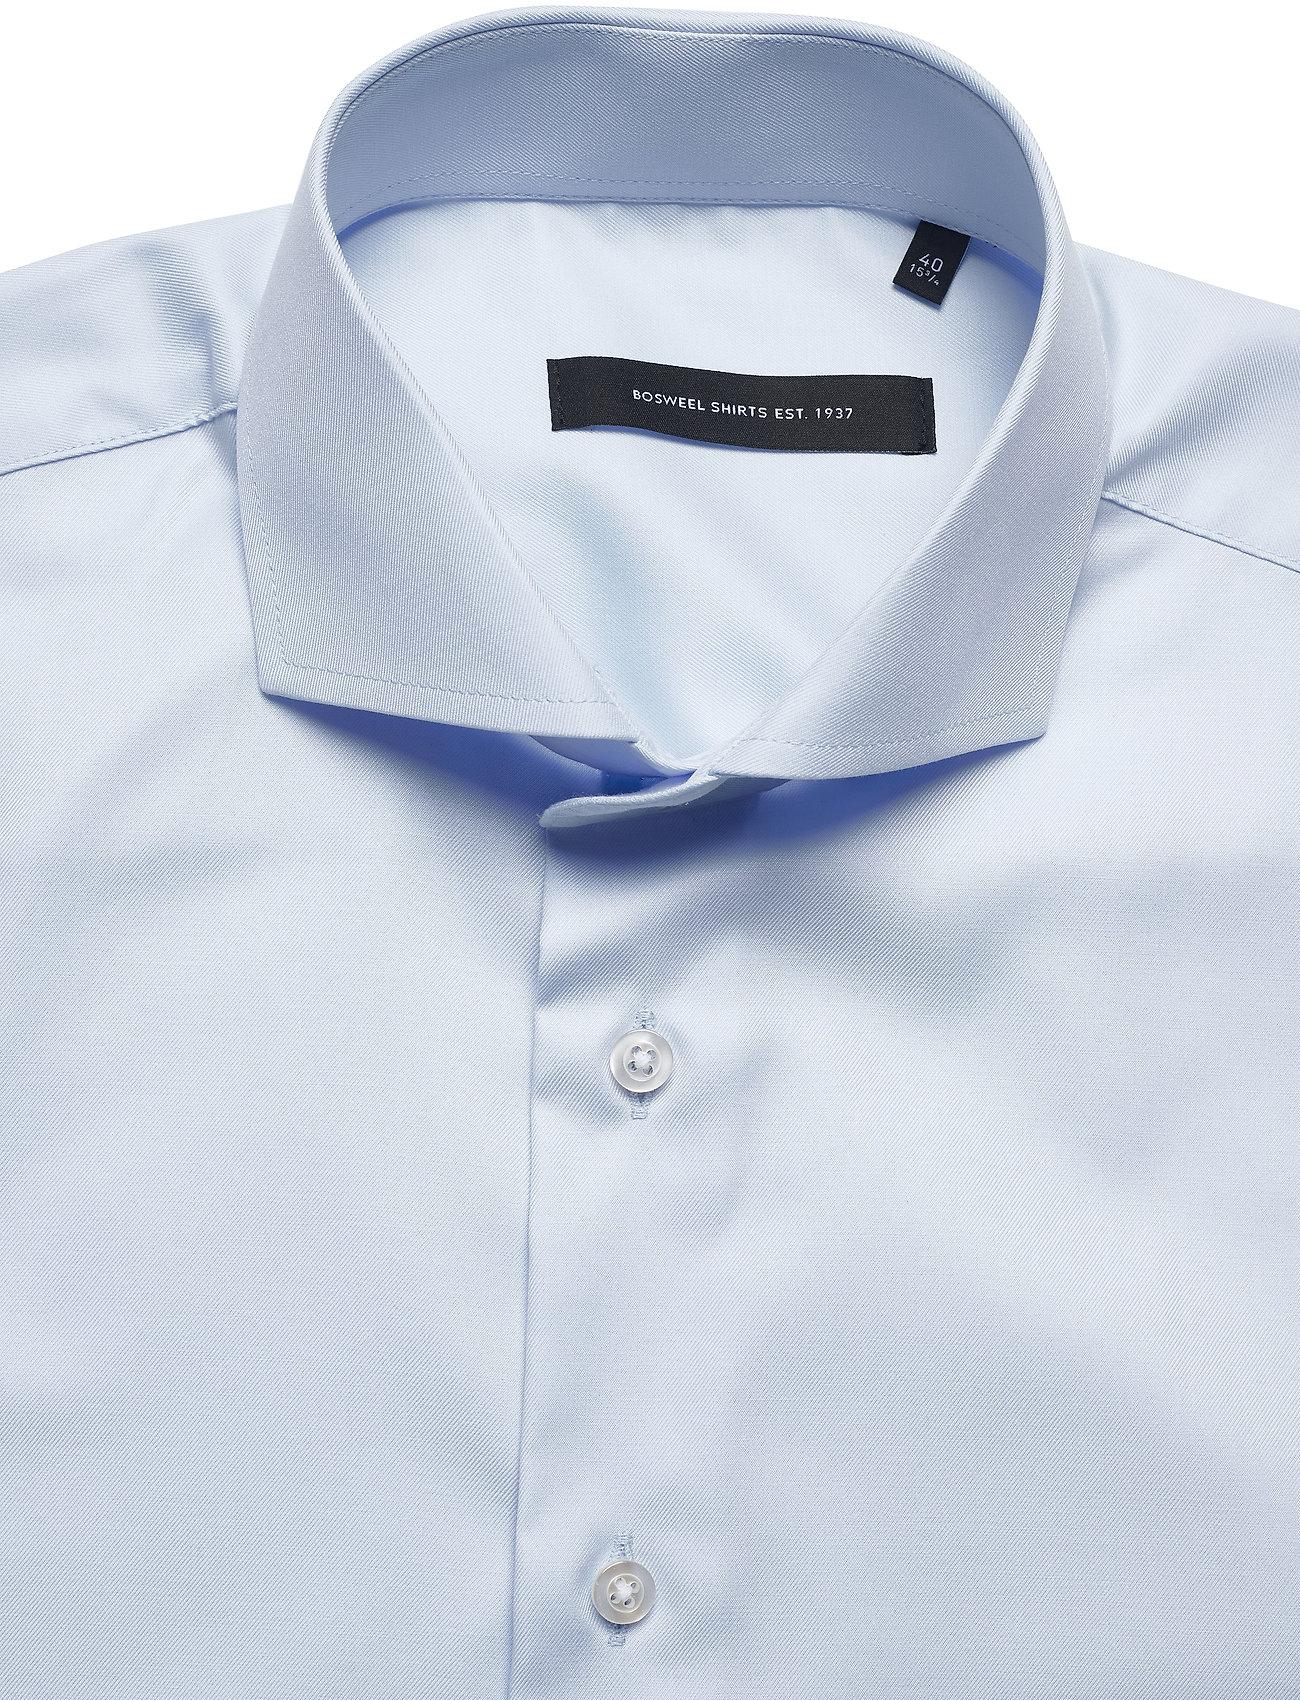 Bosweel Heavy twill - Skjorter BLUE - Menn Klær